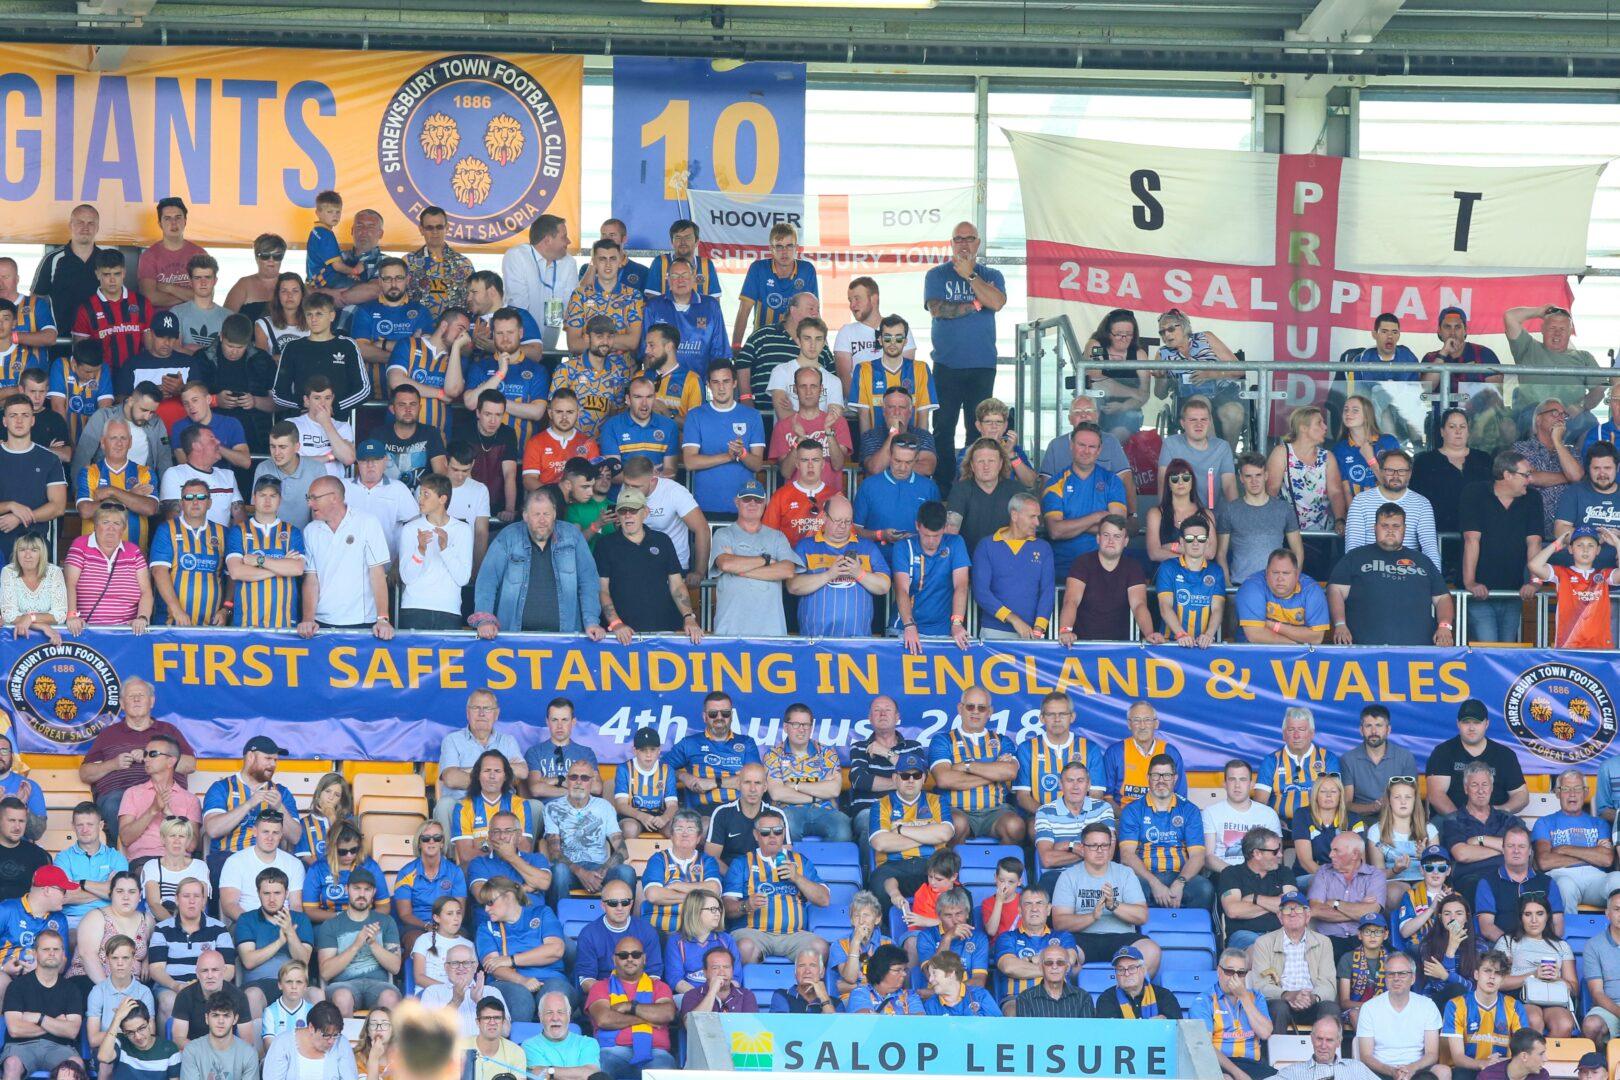 Die Fans von Shrewsbury Town im Safe-Standing-Bereich.